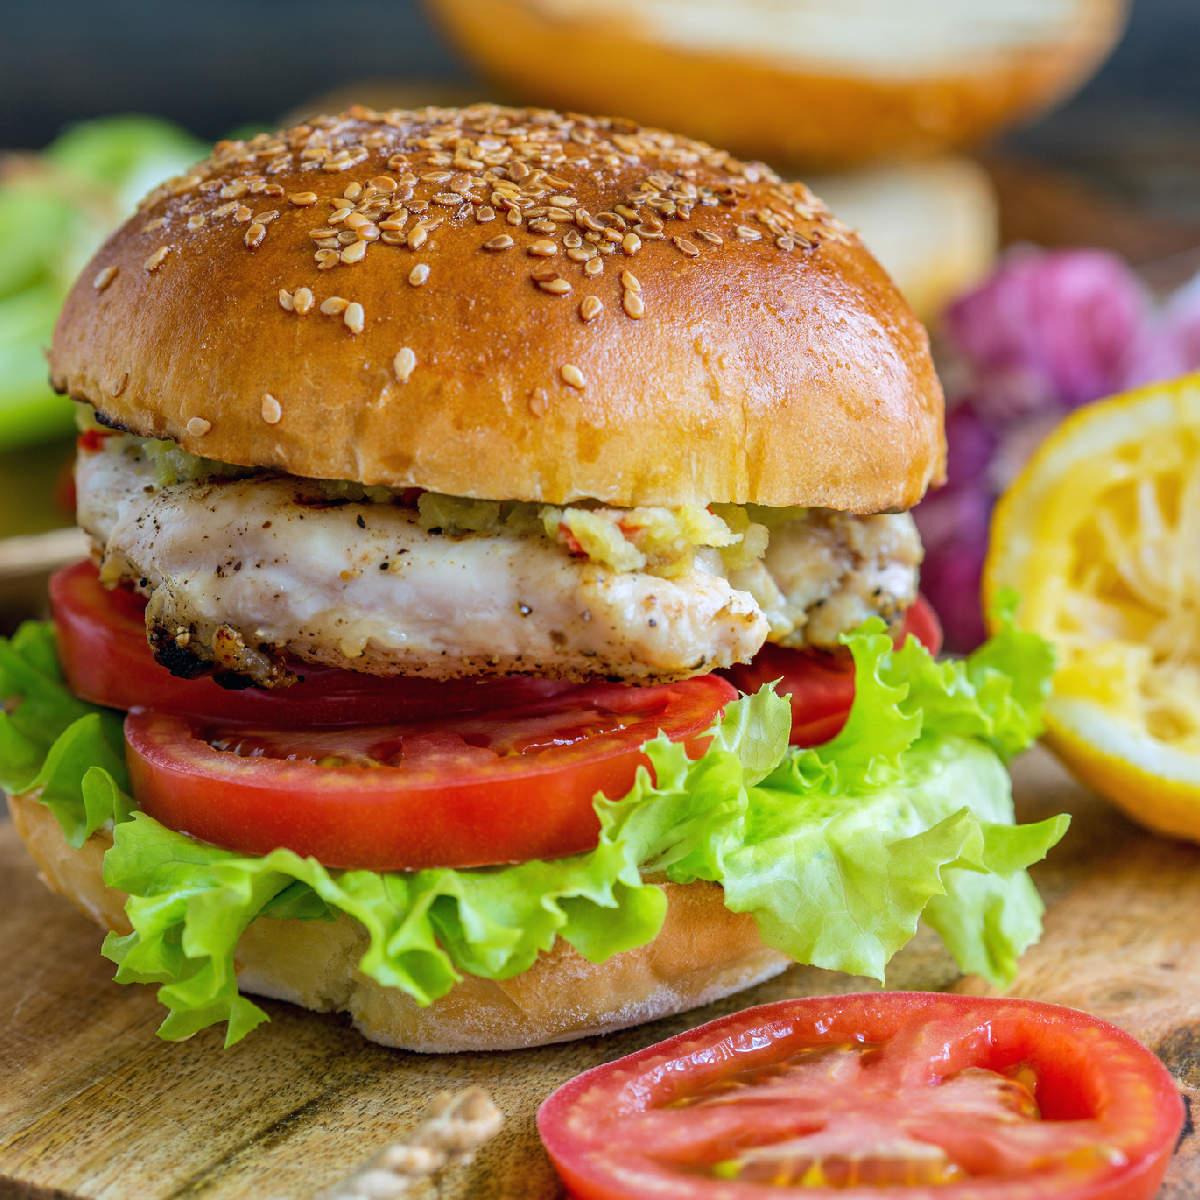 Chicken Burger Recipe How To Make Chicken Burger Recipe At Home Homemade Chicken Burger Recipe Times Food